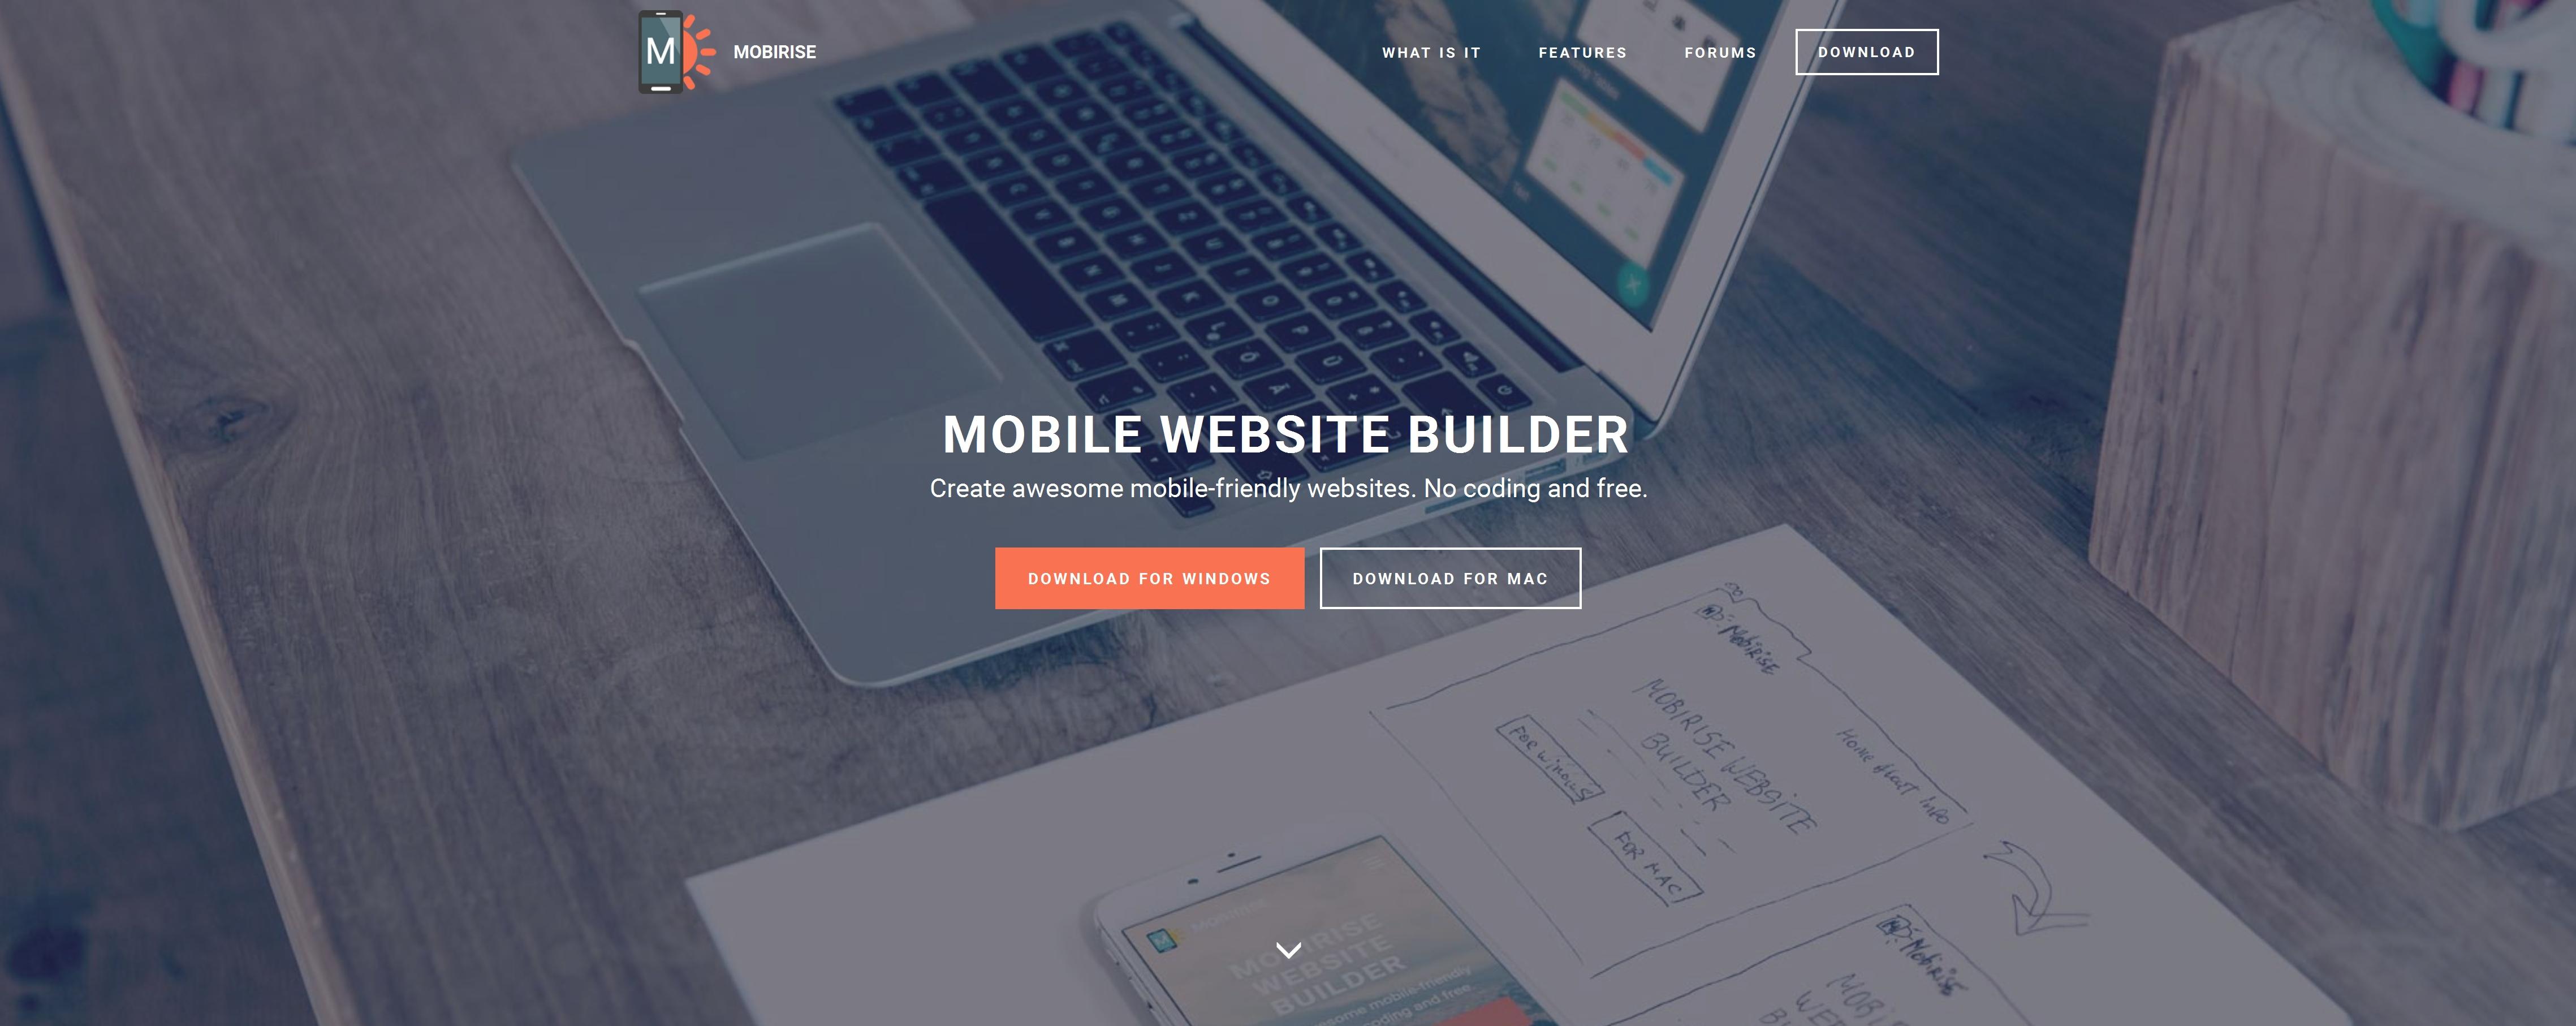 Offline Mobile Website Creator Software